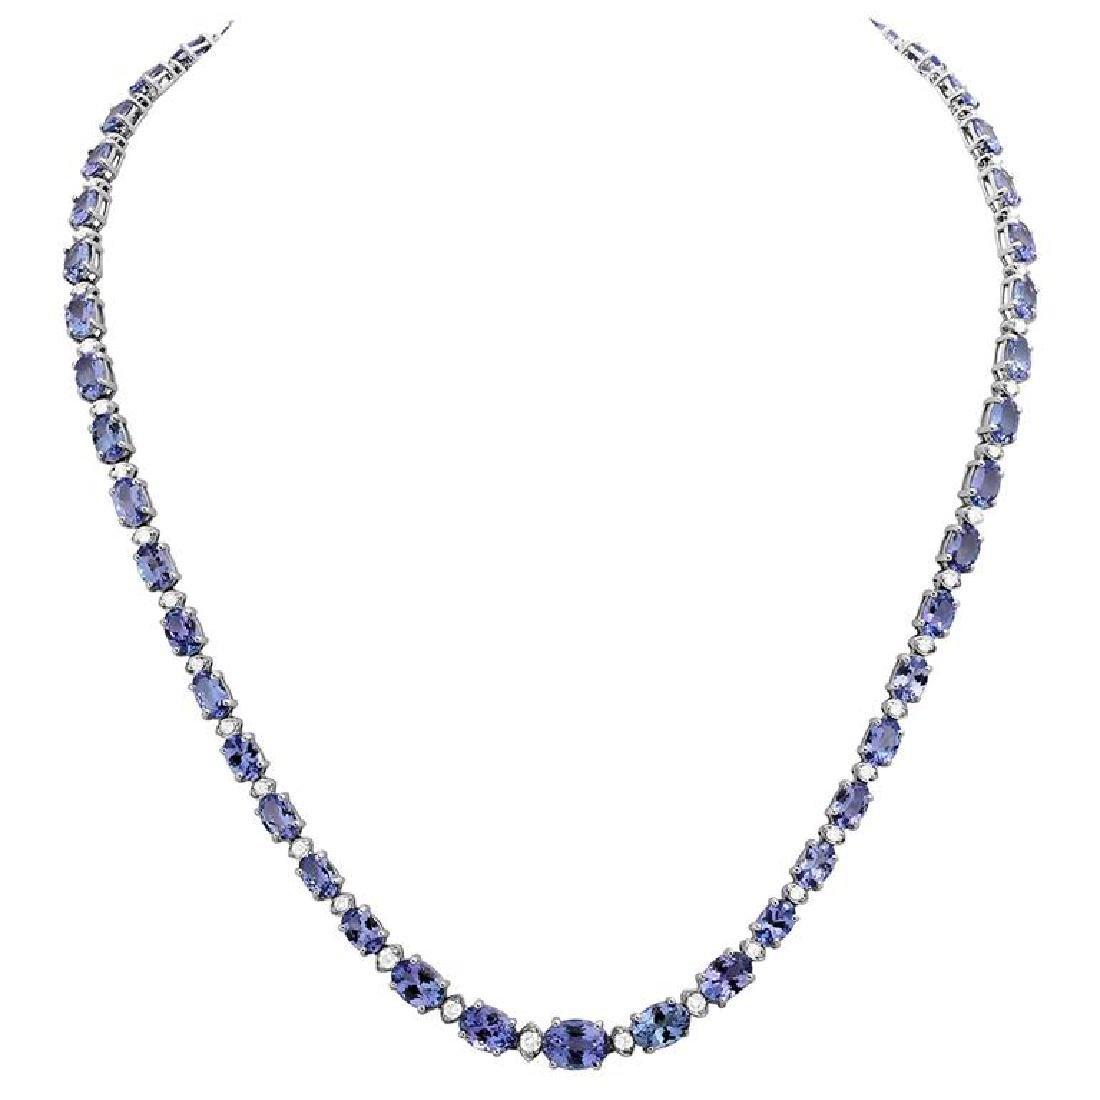 14k White Gold 23.93ct Tanzanite 1.14ct Diamond